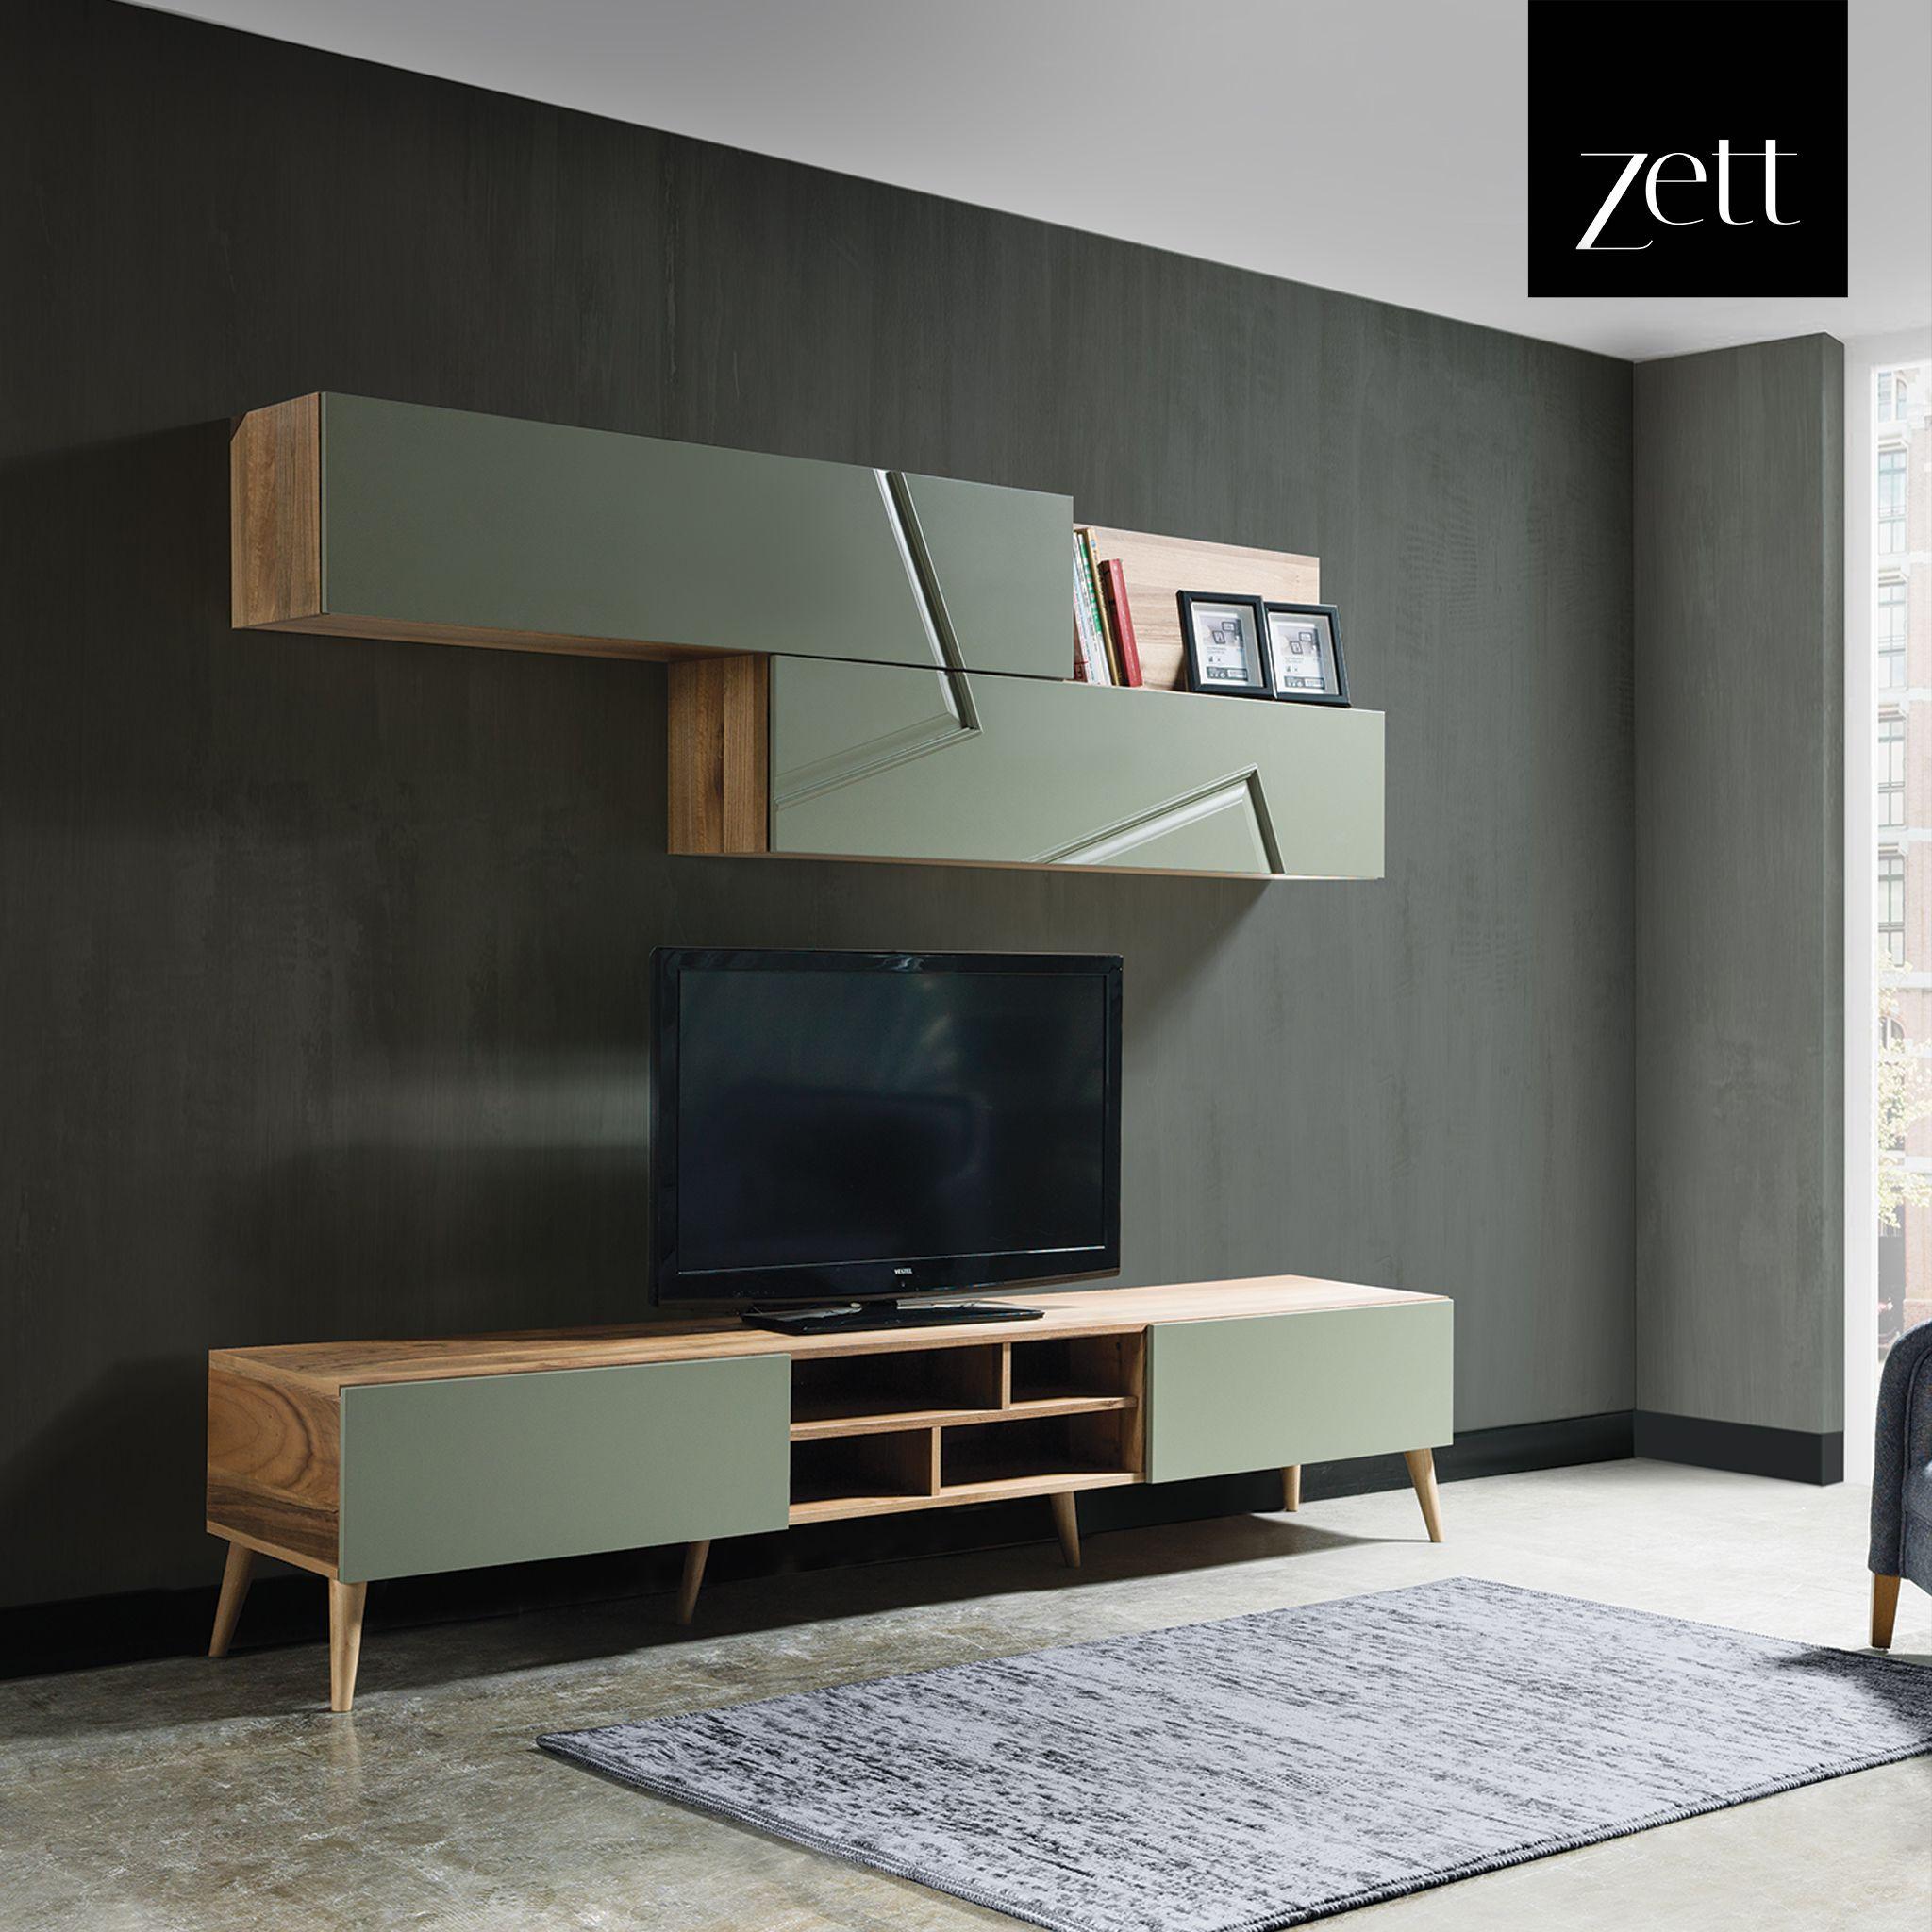 Zettdekor Mobilya Furniture Ah Ap Wooden Yatakodasi Bedroom  # Muebles Eguiluz